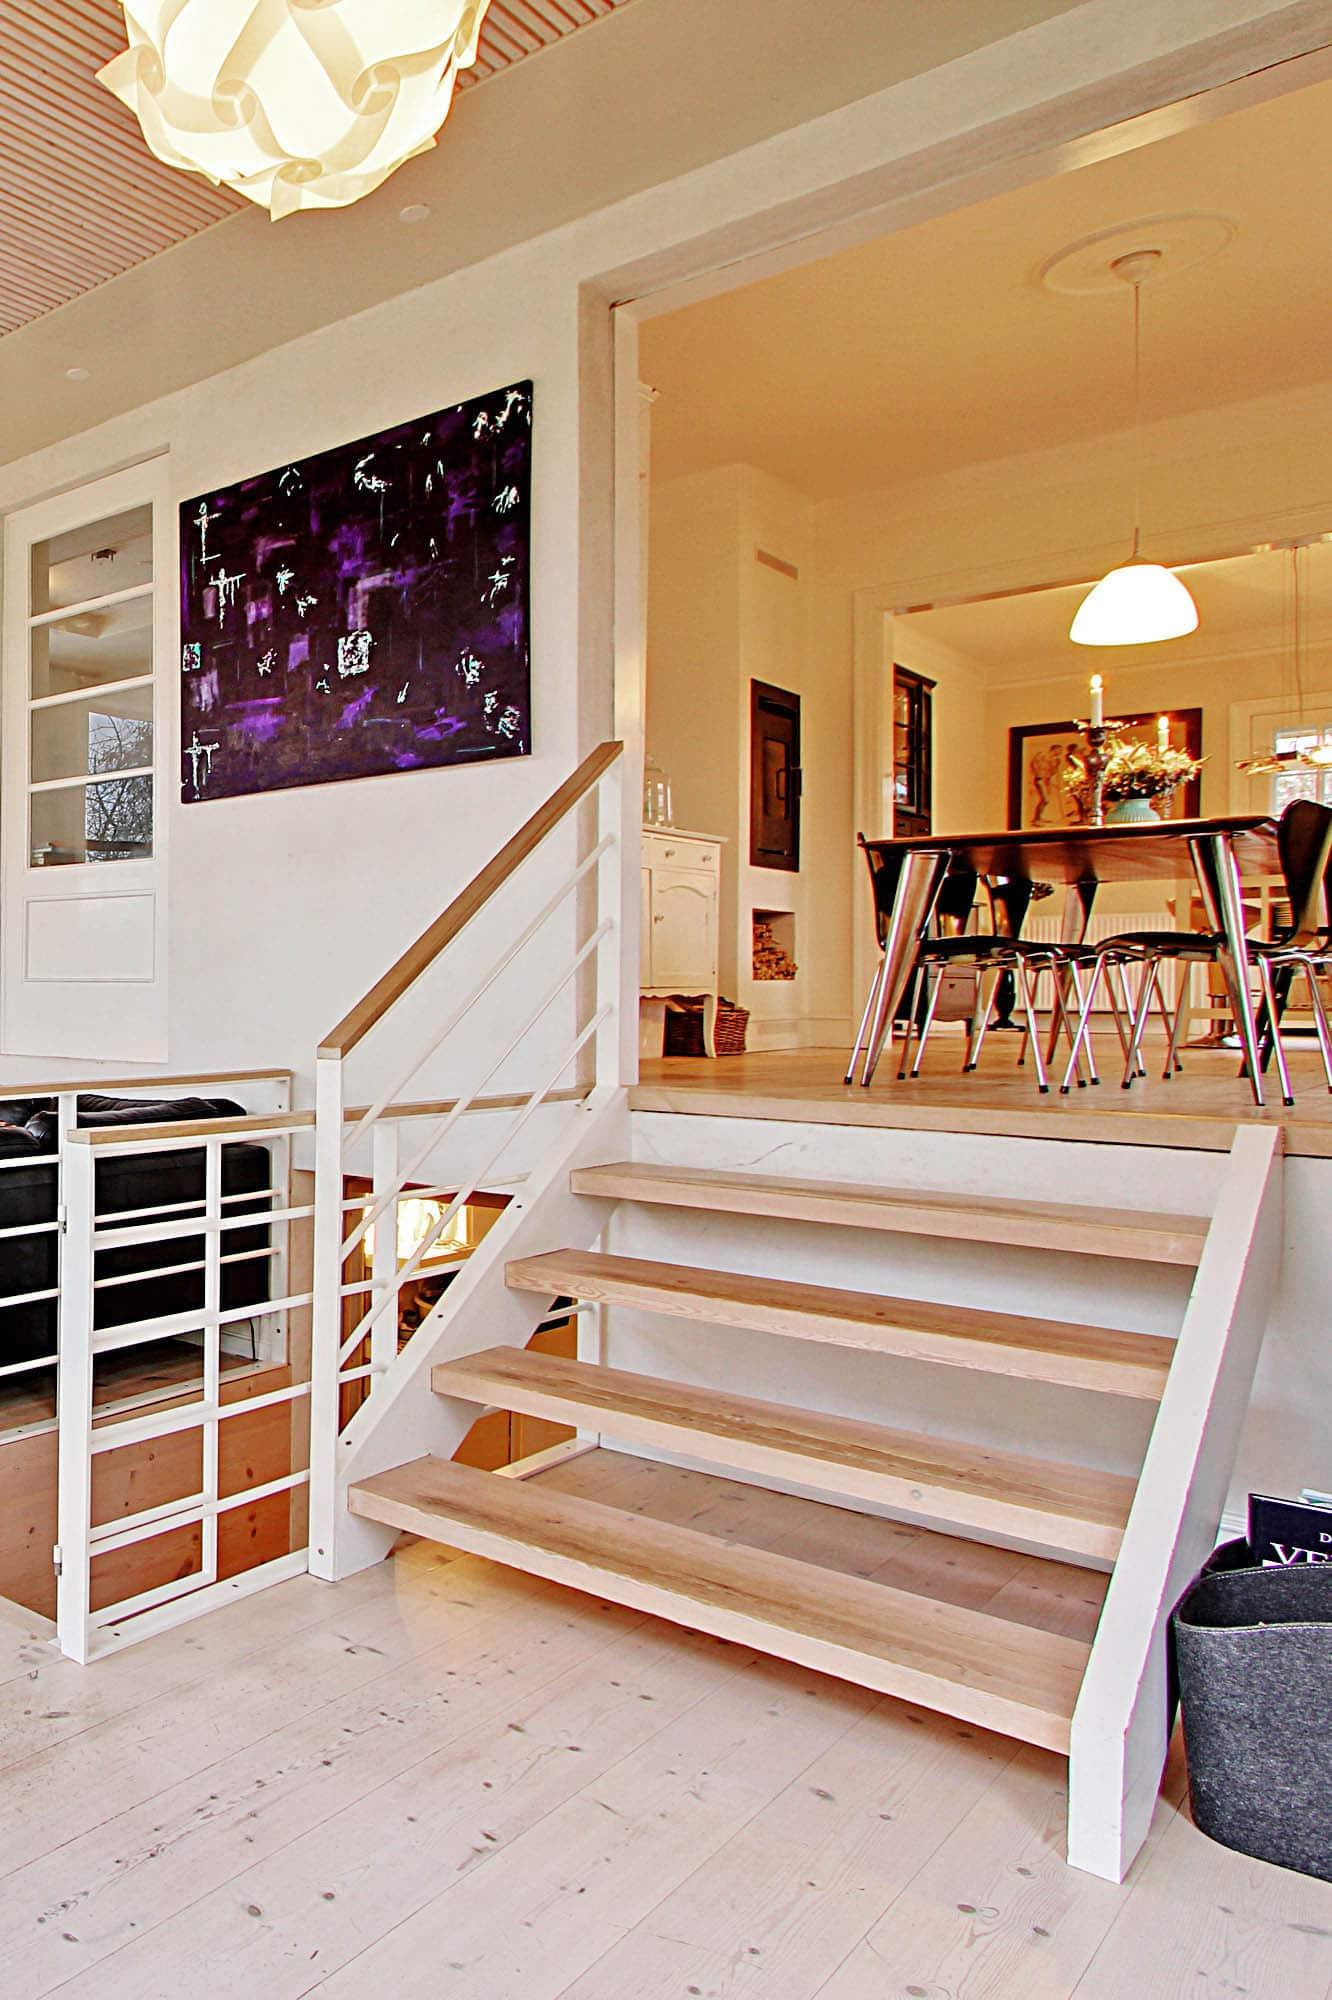 Trætilbygning med højt til loftet og kig til havens frugttræer og niveauskift til køkken-alrum.